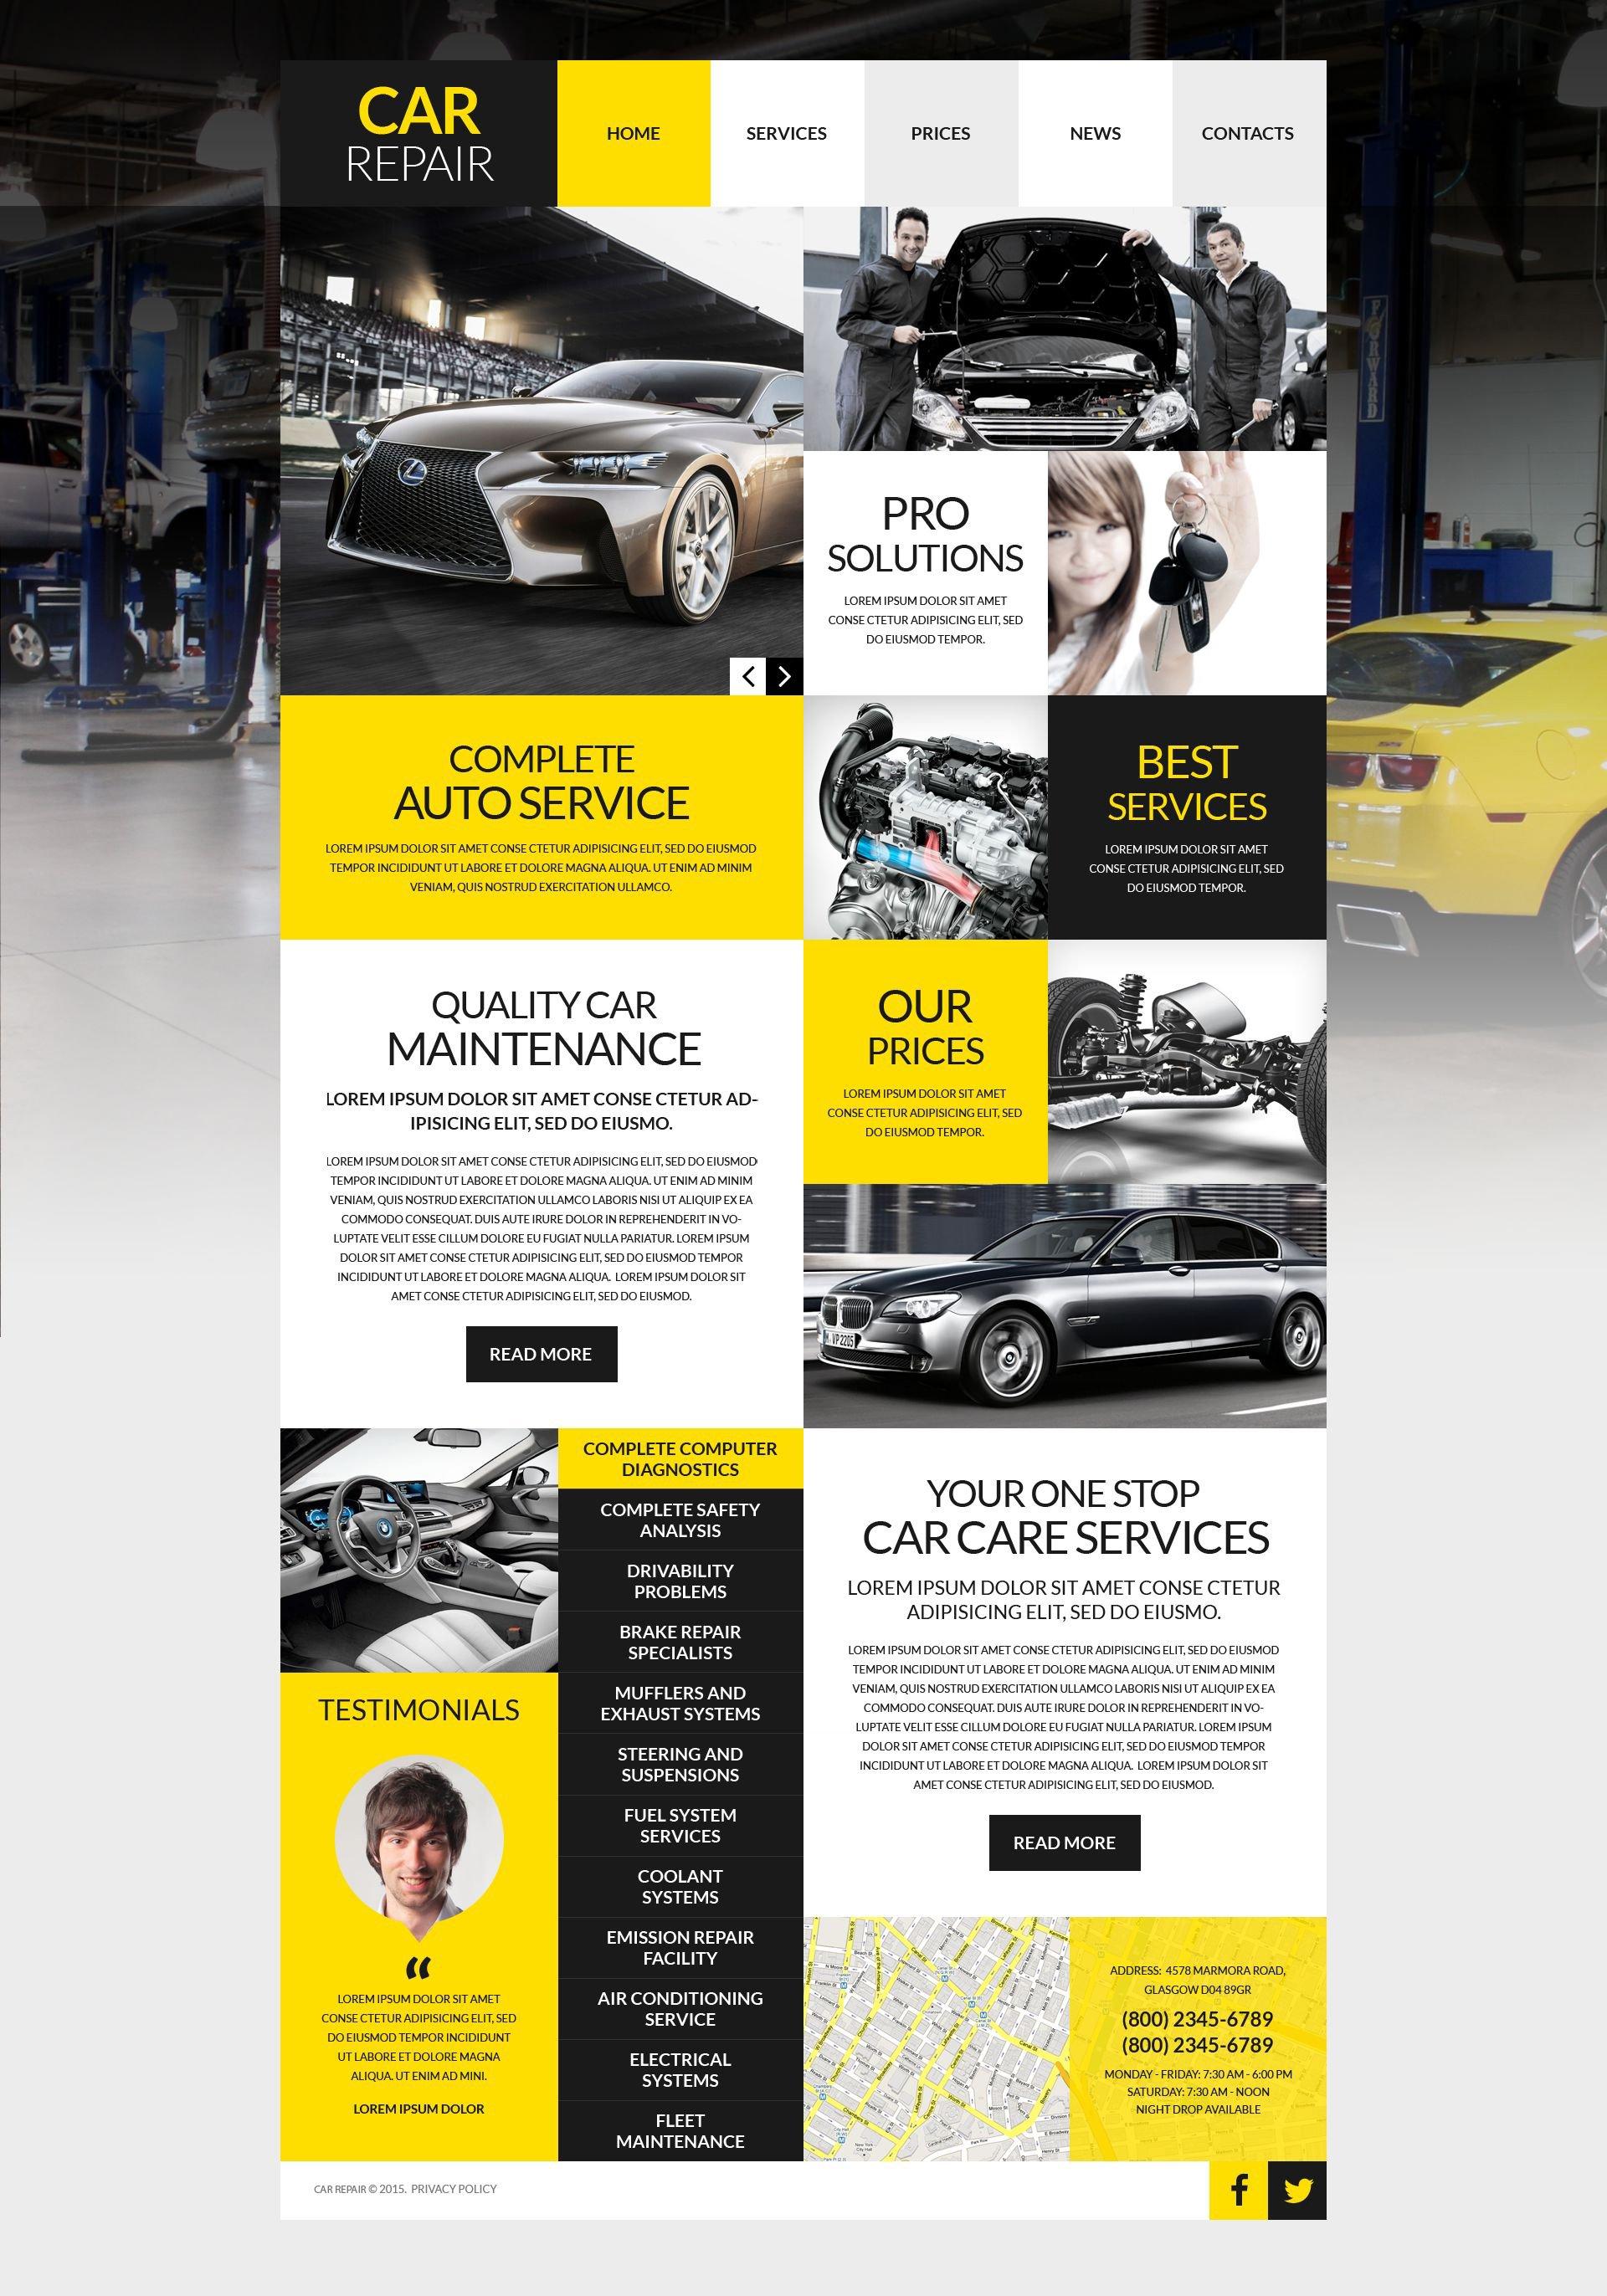 Car Repair PSD sablon 55866 - képernyőkép